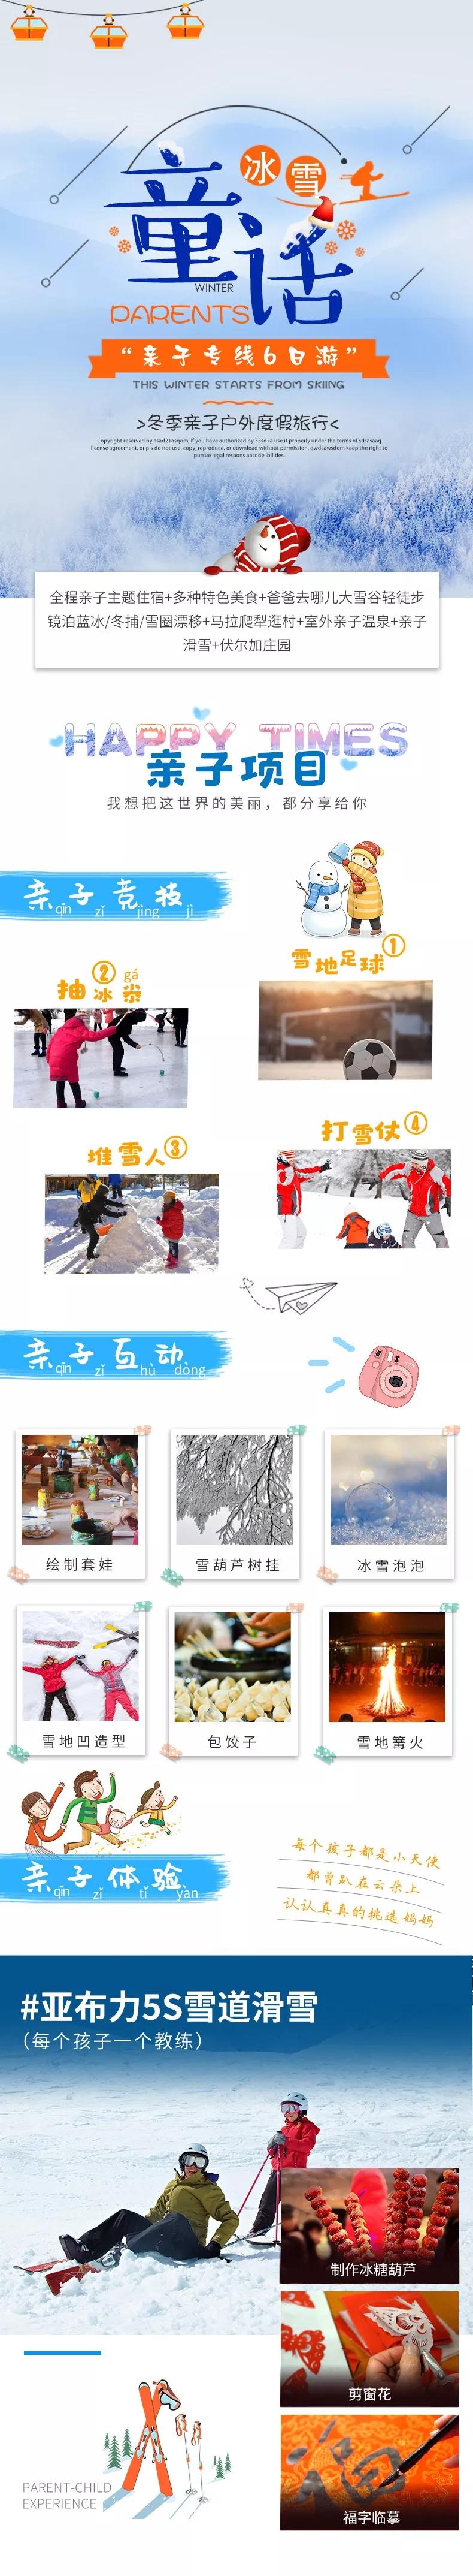 营地点评网-哈尔滨冰雪童话6天5晚亲子游